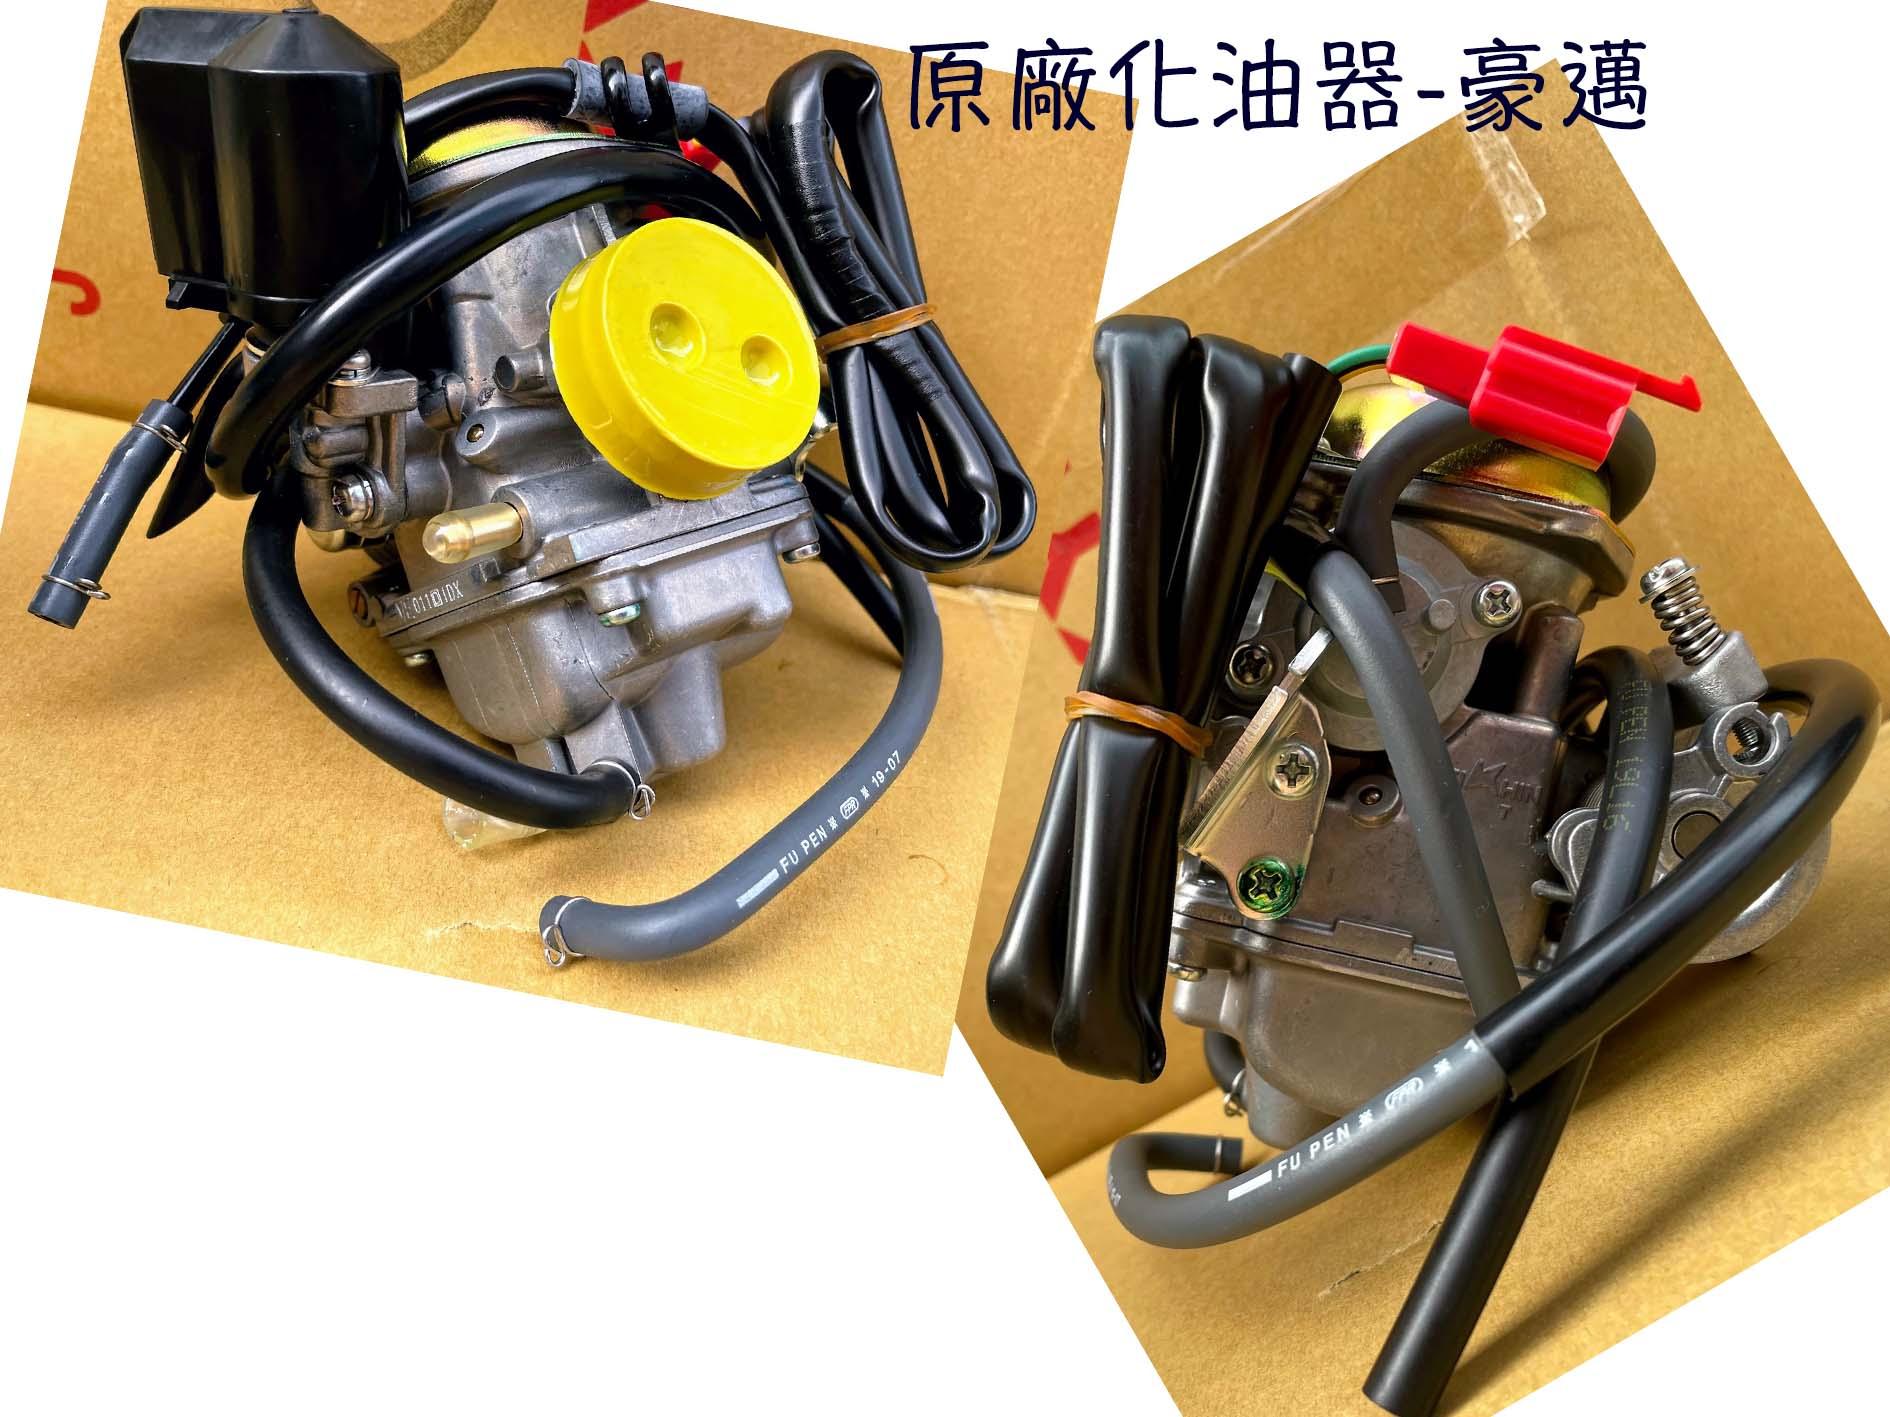 原廠【豪邁、迪爵 化油器 GY6】化油器、奔馳、奔騰、悍將、高手125、京濱